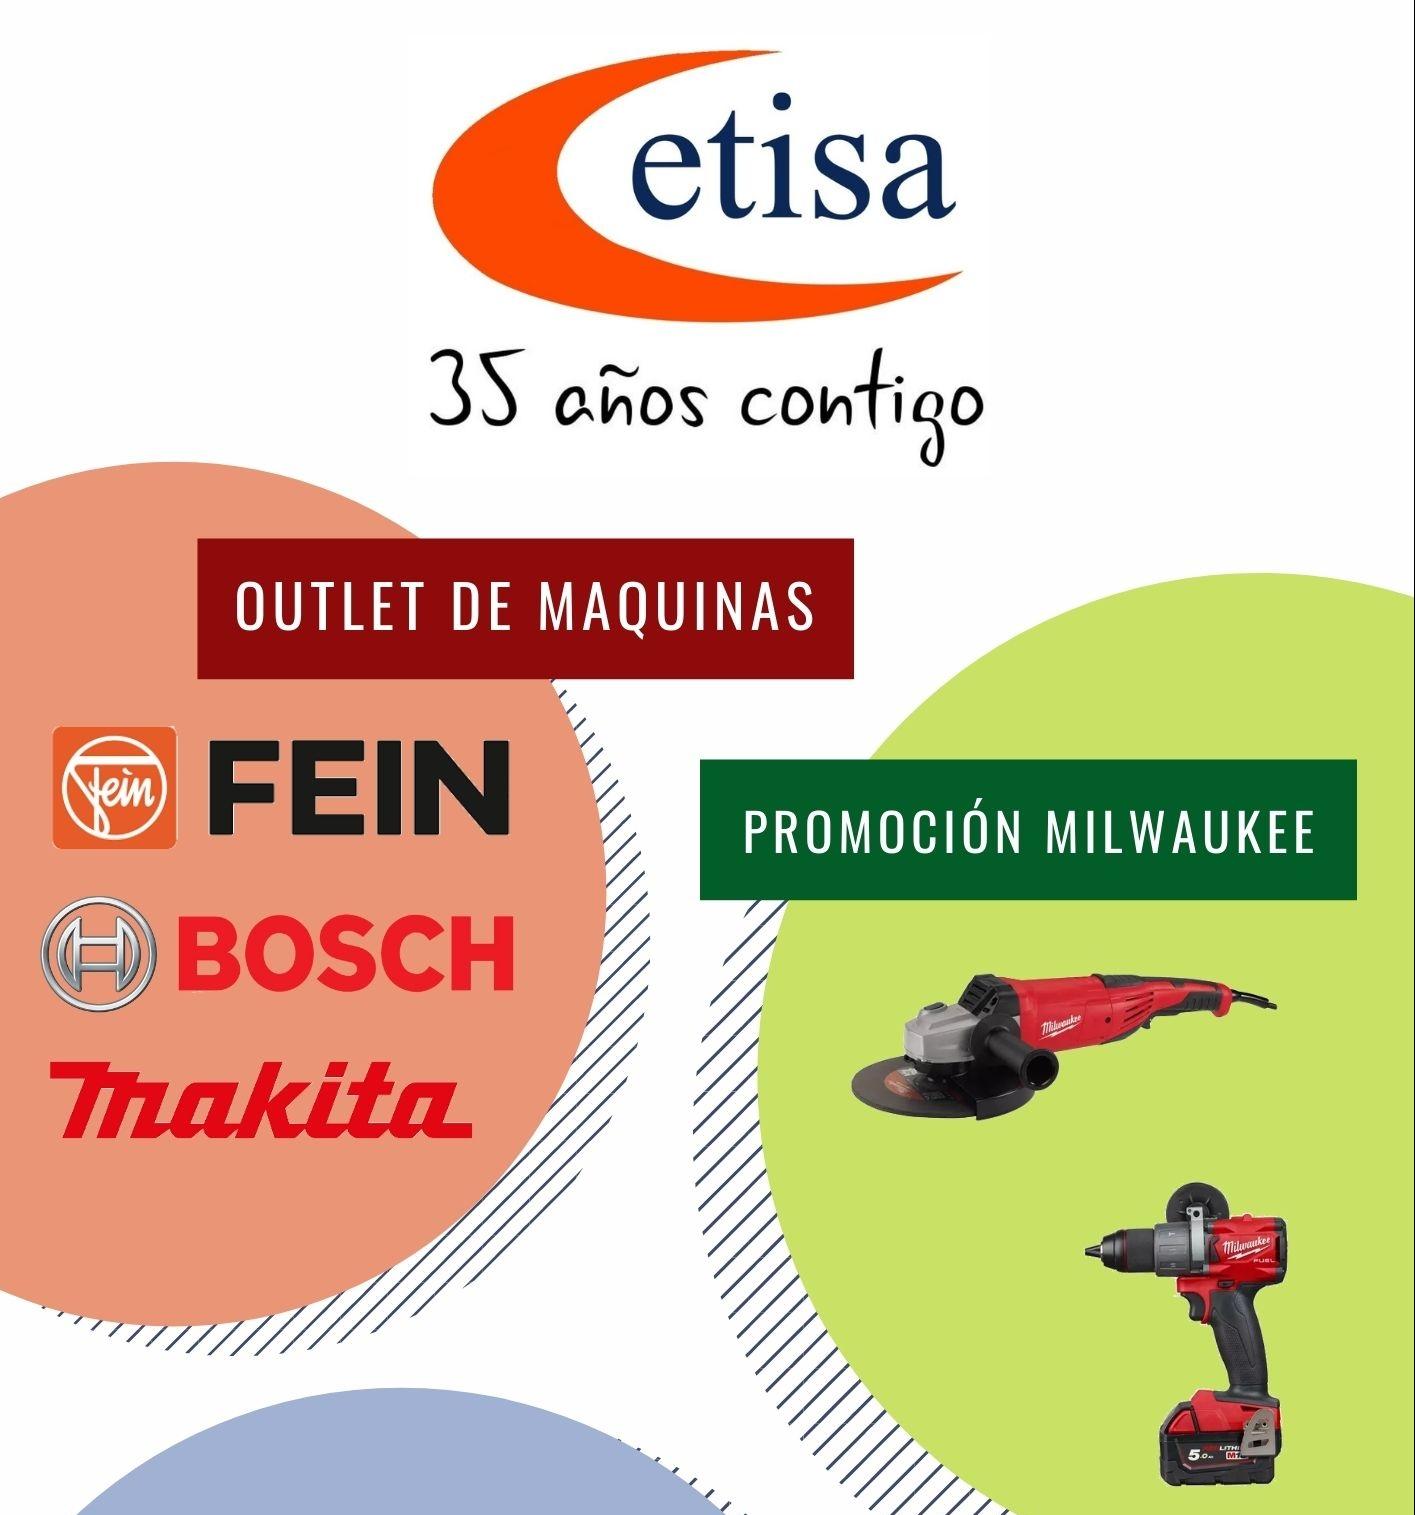 ETISA cumple 35 años desde su fundación y estas son nuestras promociones